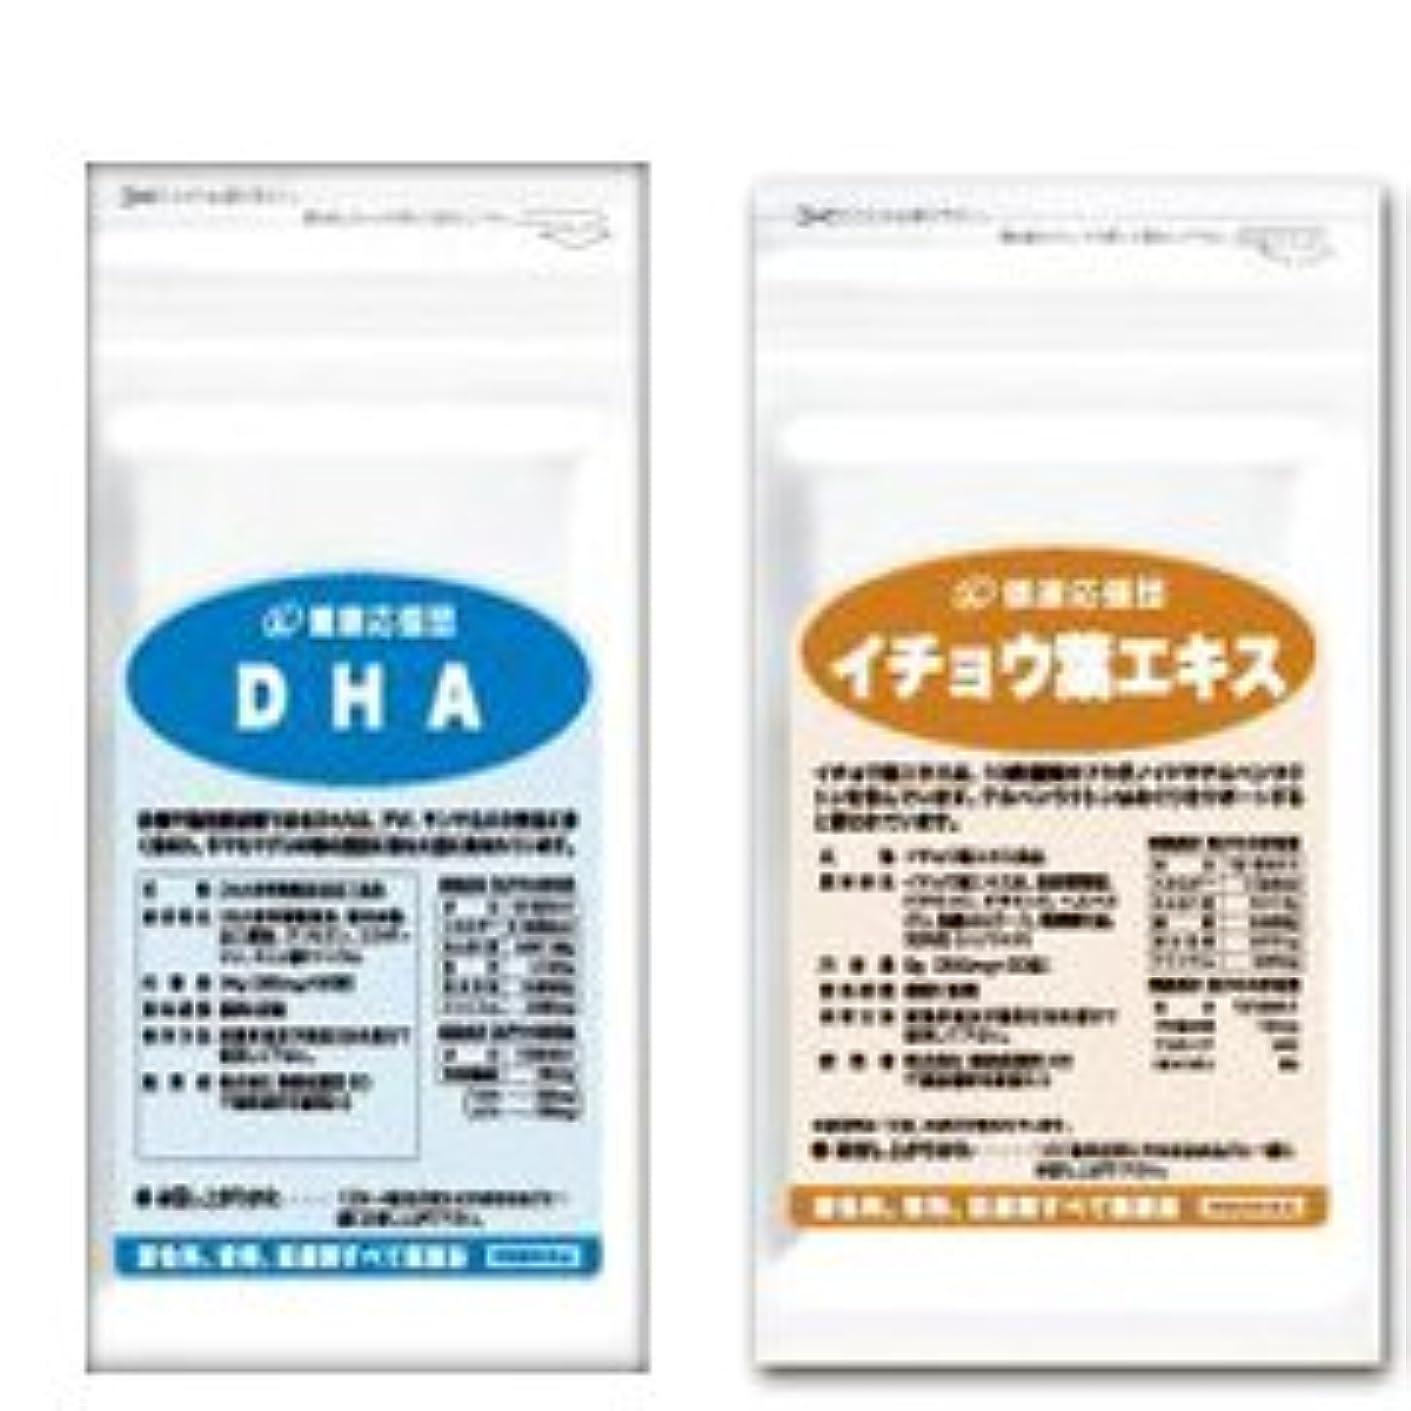 帝国主義小学生失効(お徳用6か月分)サラサラ巡りセット DHA + イチョウ葉エキス 6袋セット (DHA?EPA?イチョウ葉?ビタミンC?ビタミンE?ビタミンP配合)